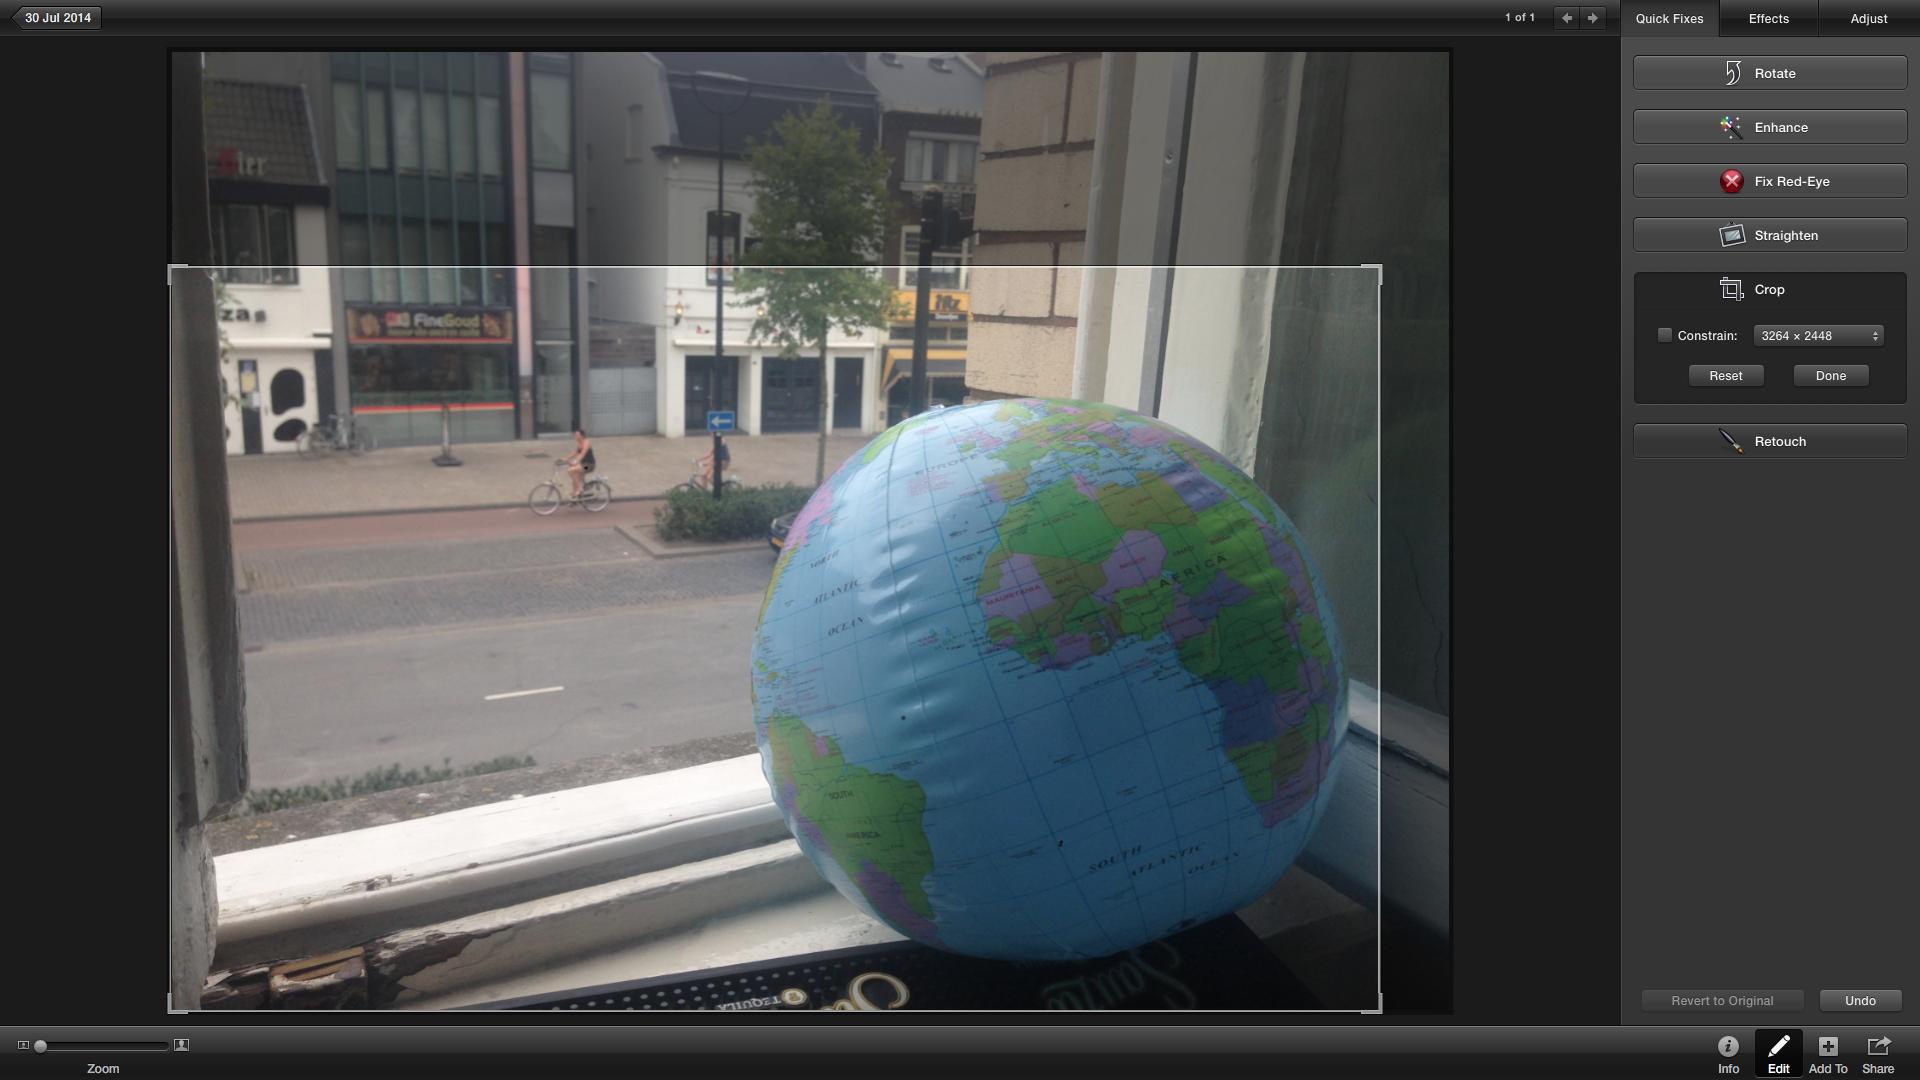 Screen Shot 2014-07-30 at 13.47.33